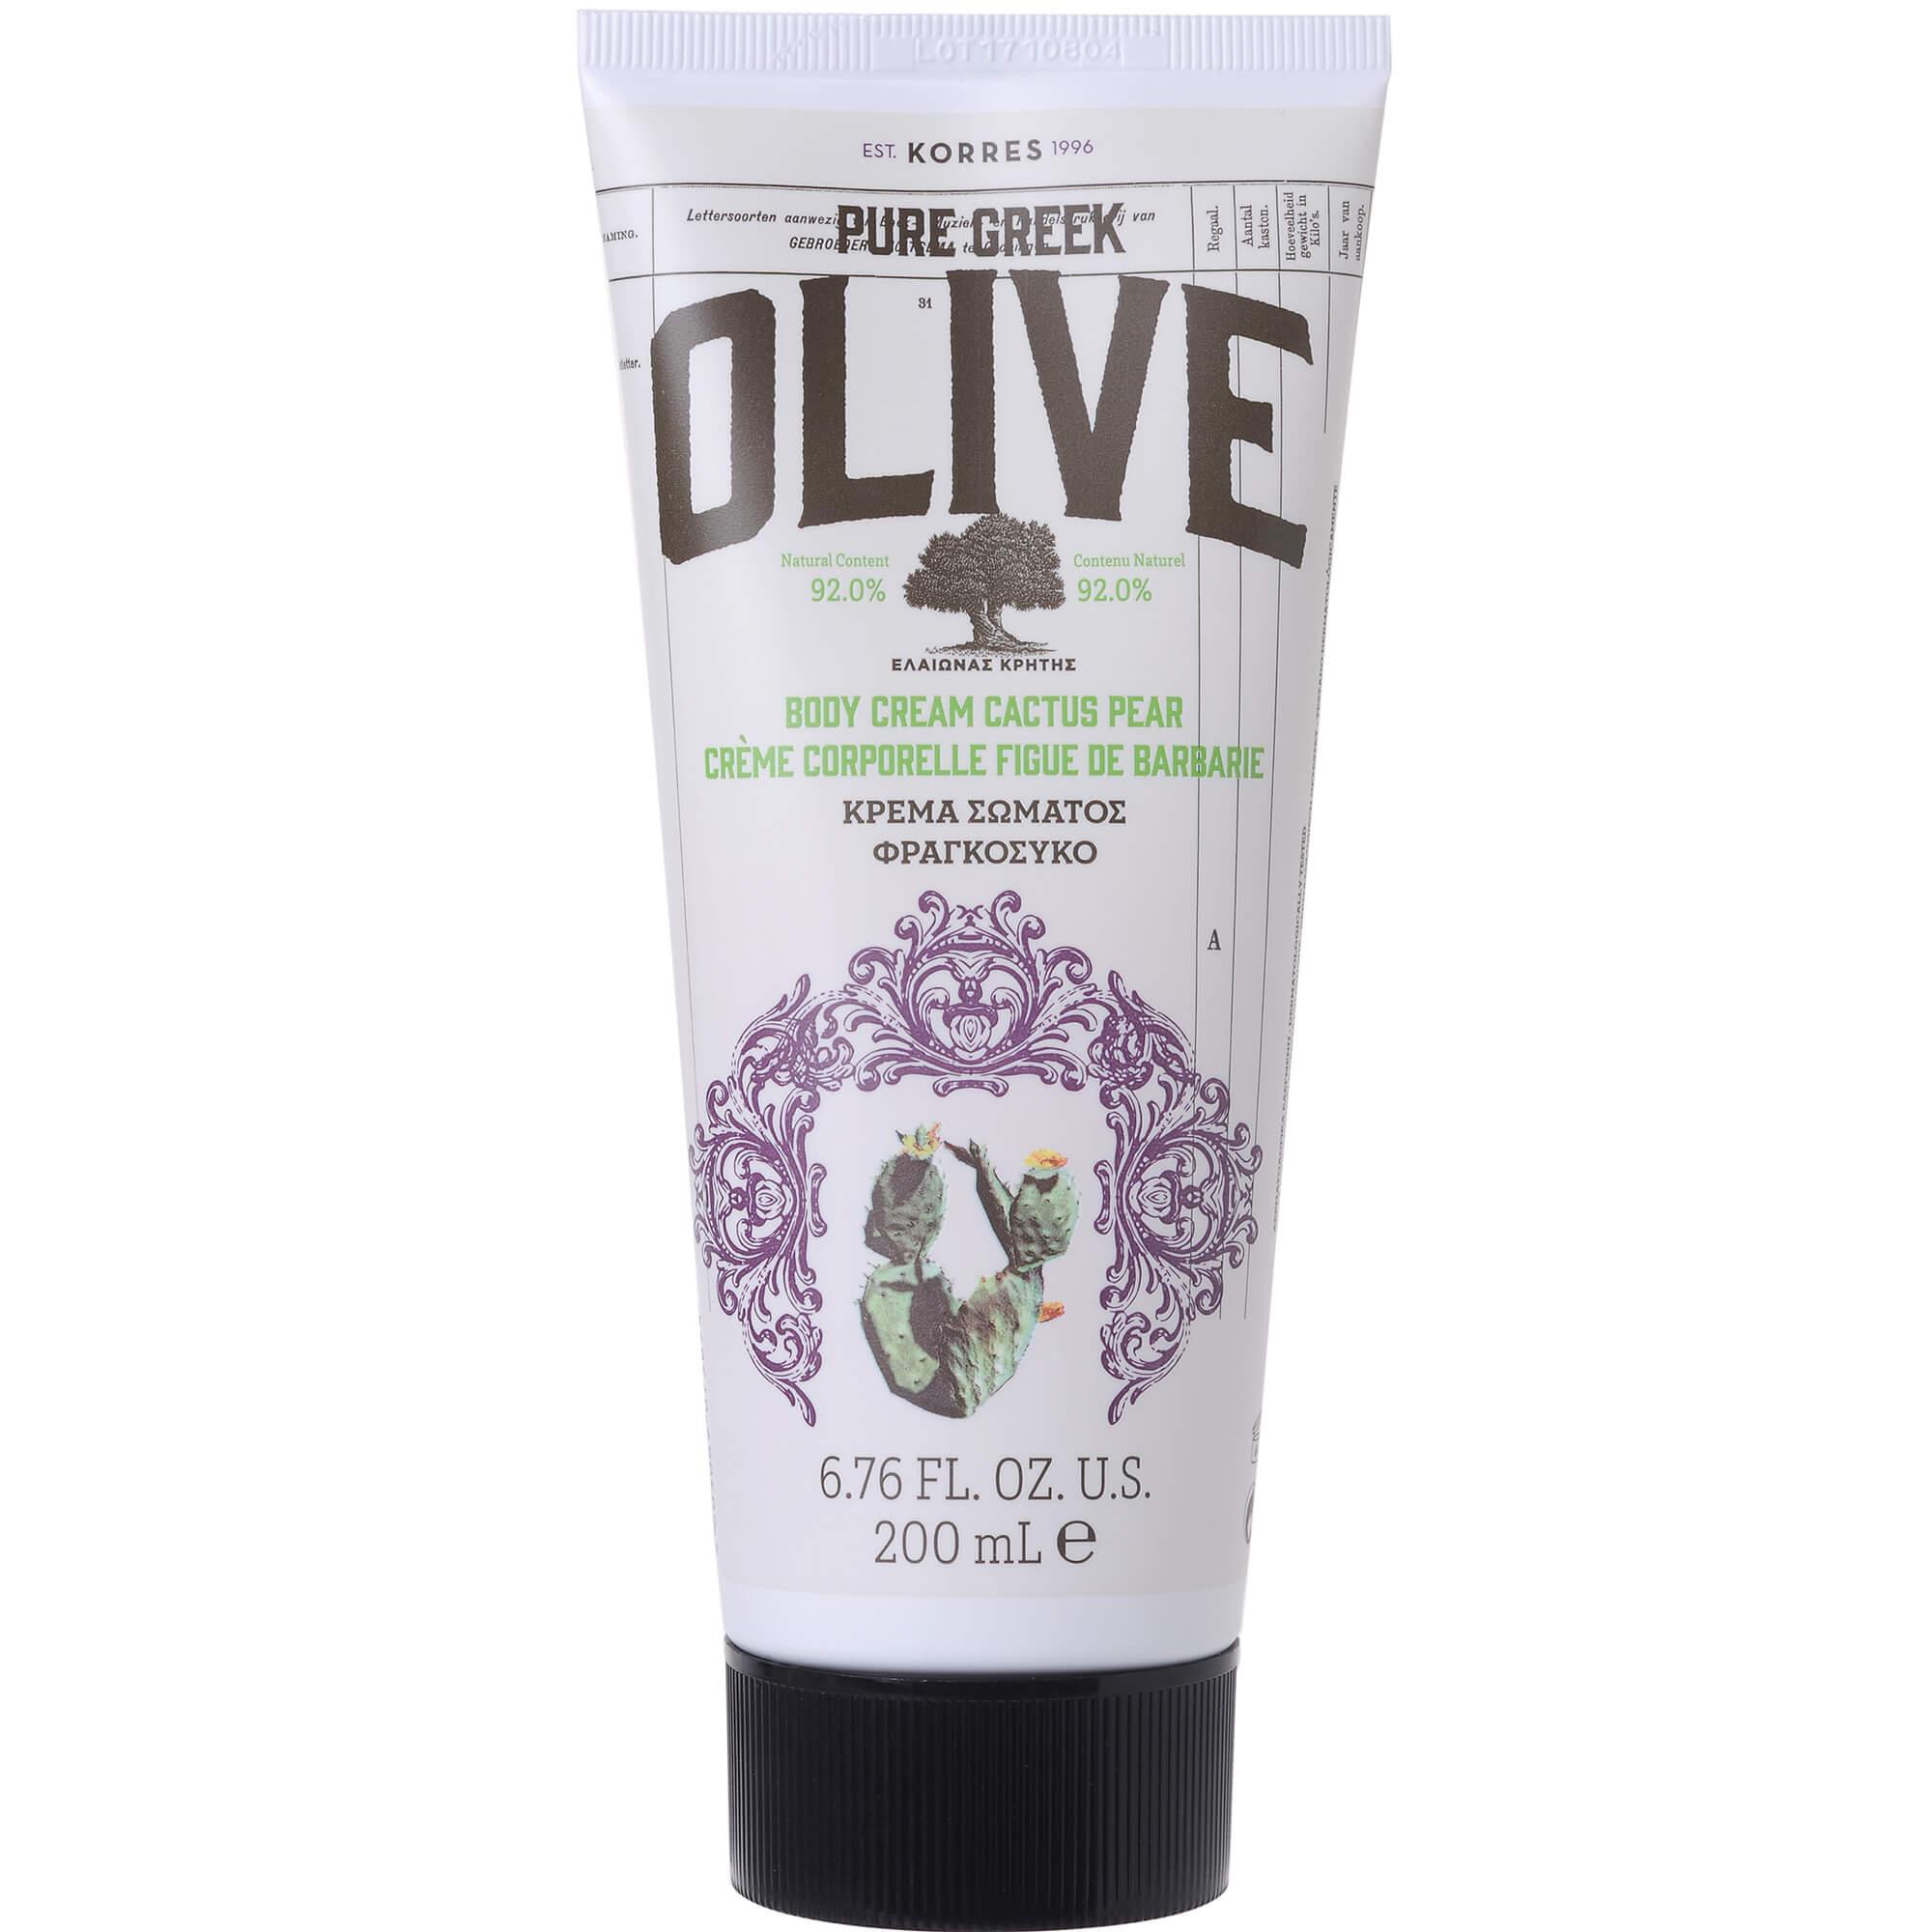 Korres Pure Greek Olive Body Cream Cactus Pear Ενυδατική Κρέμα Σώματος με Φραγκόσυκο 200ml